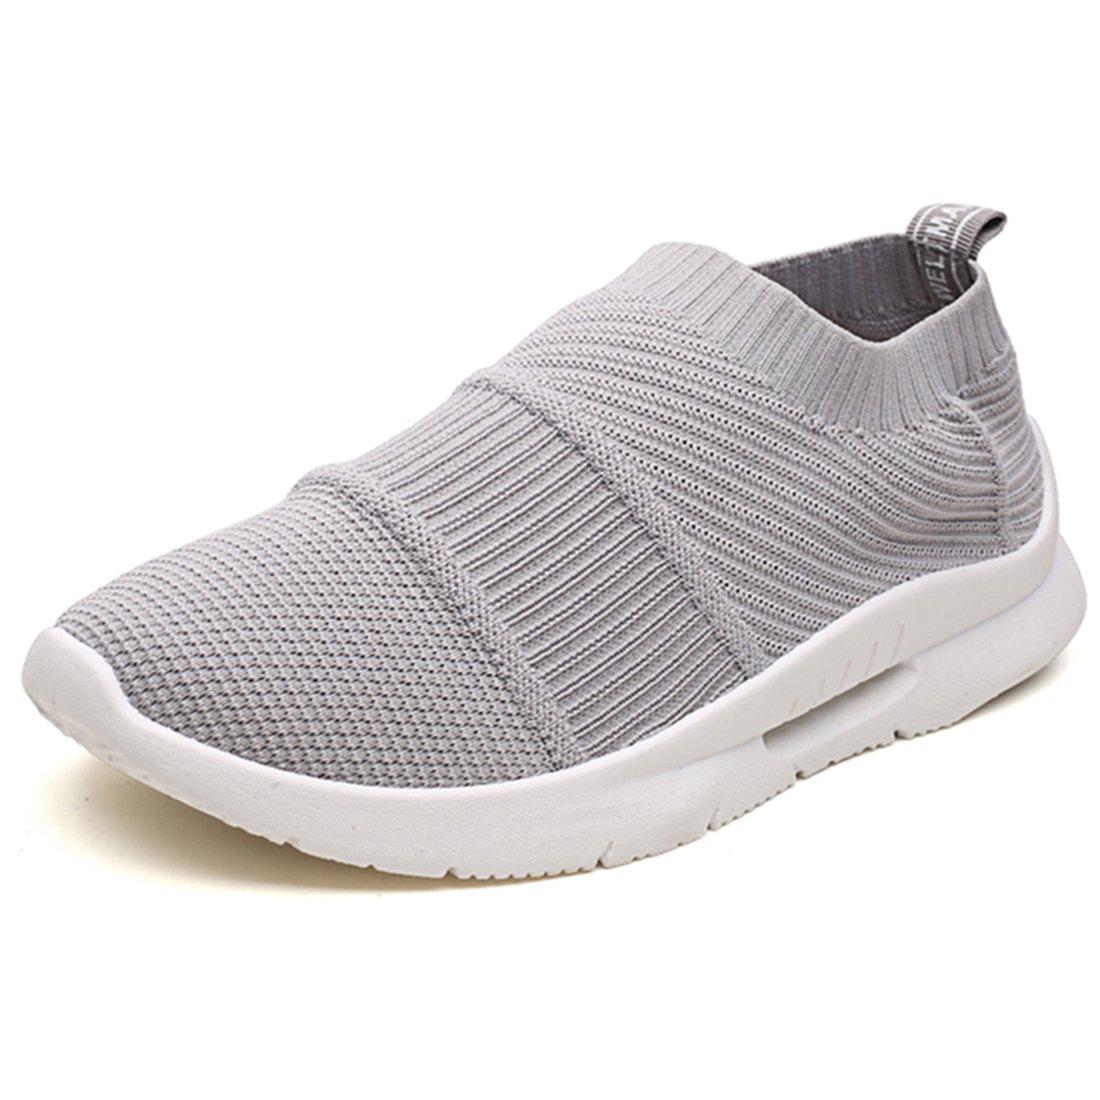 Sooneeya Running Shoes for Men Women Breathable Mesh Sock Footwear Sport Athletic Sneakers Walking Shoes B07D31PRK6 US B(M) 7 / US D(M) 6.5|Grey